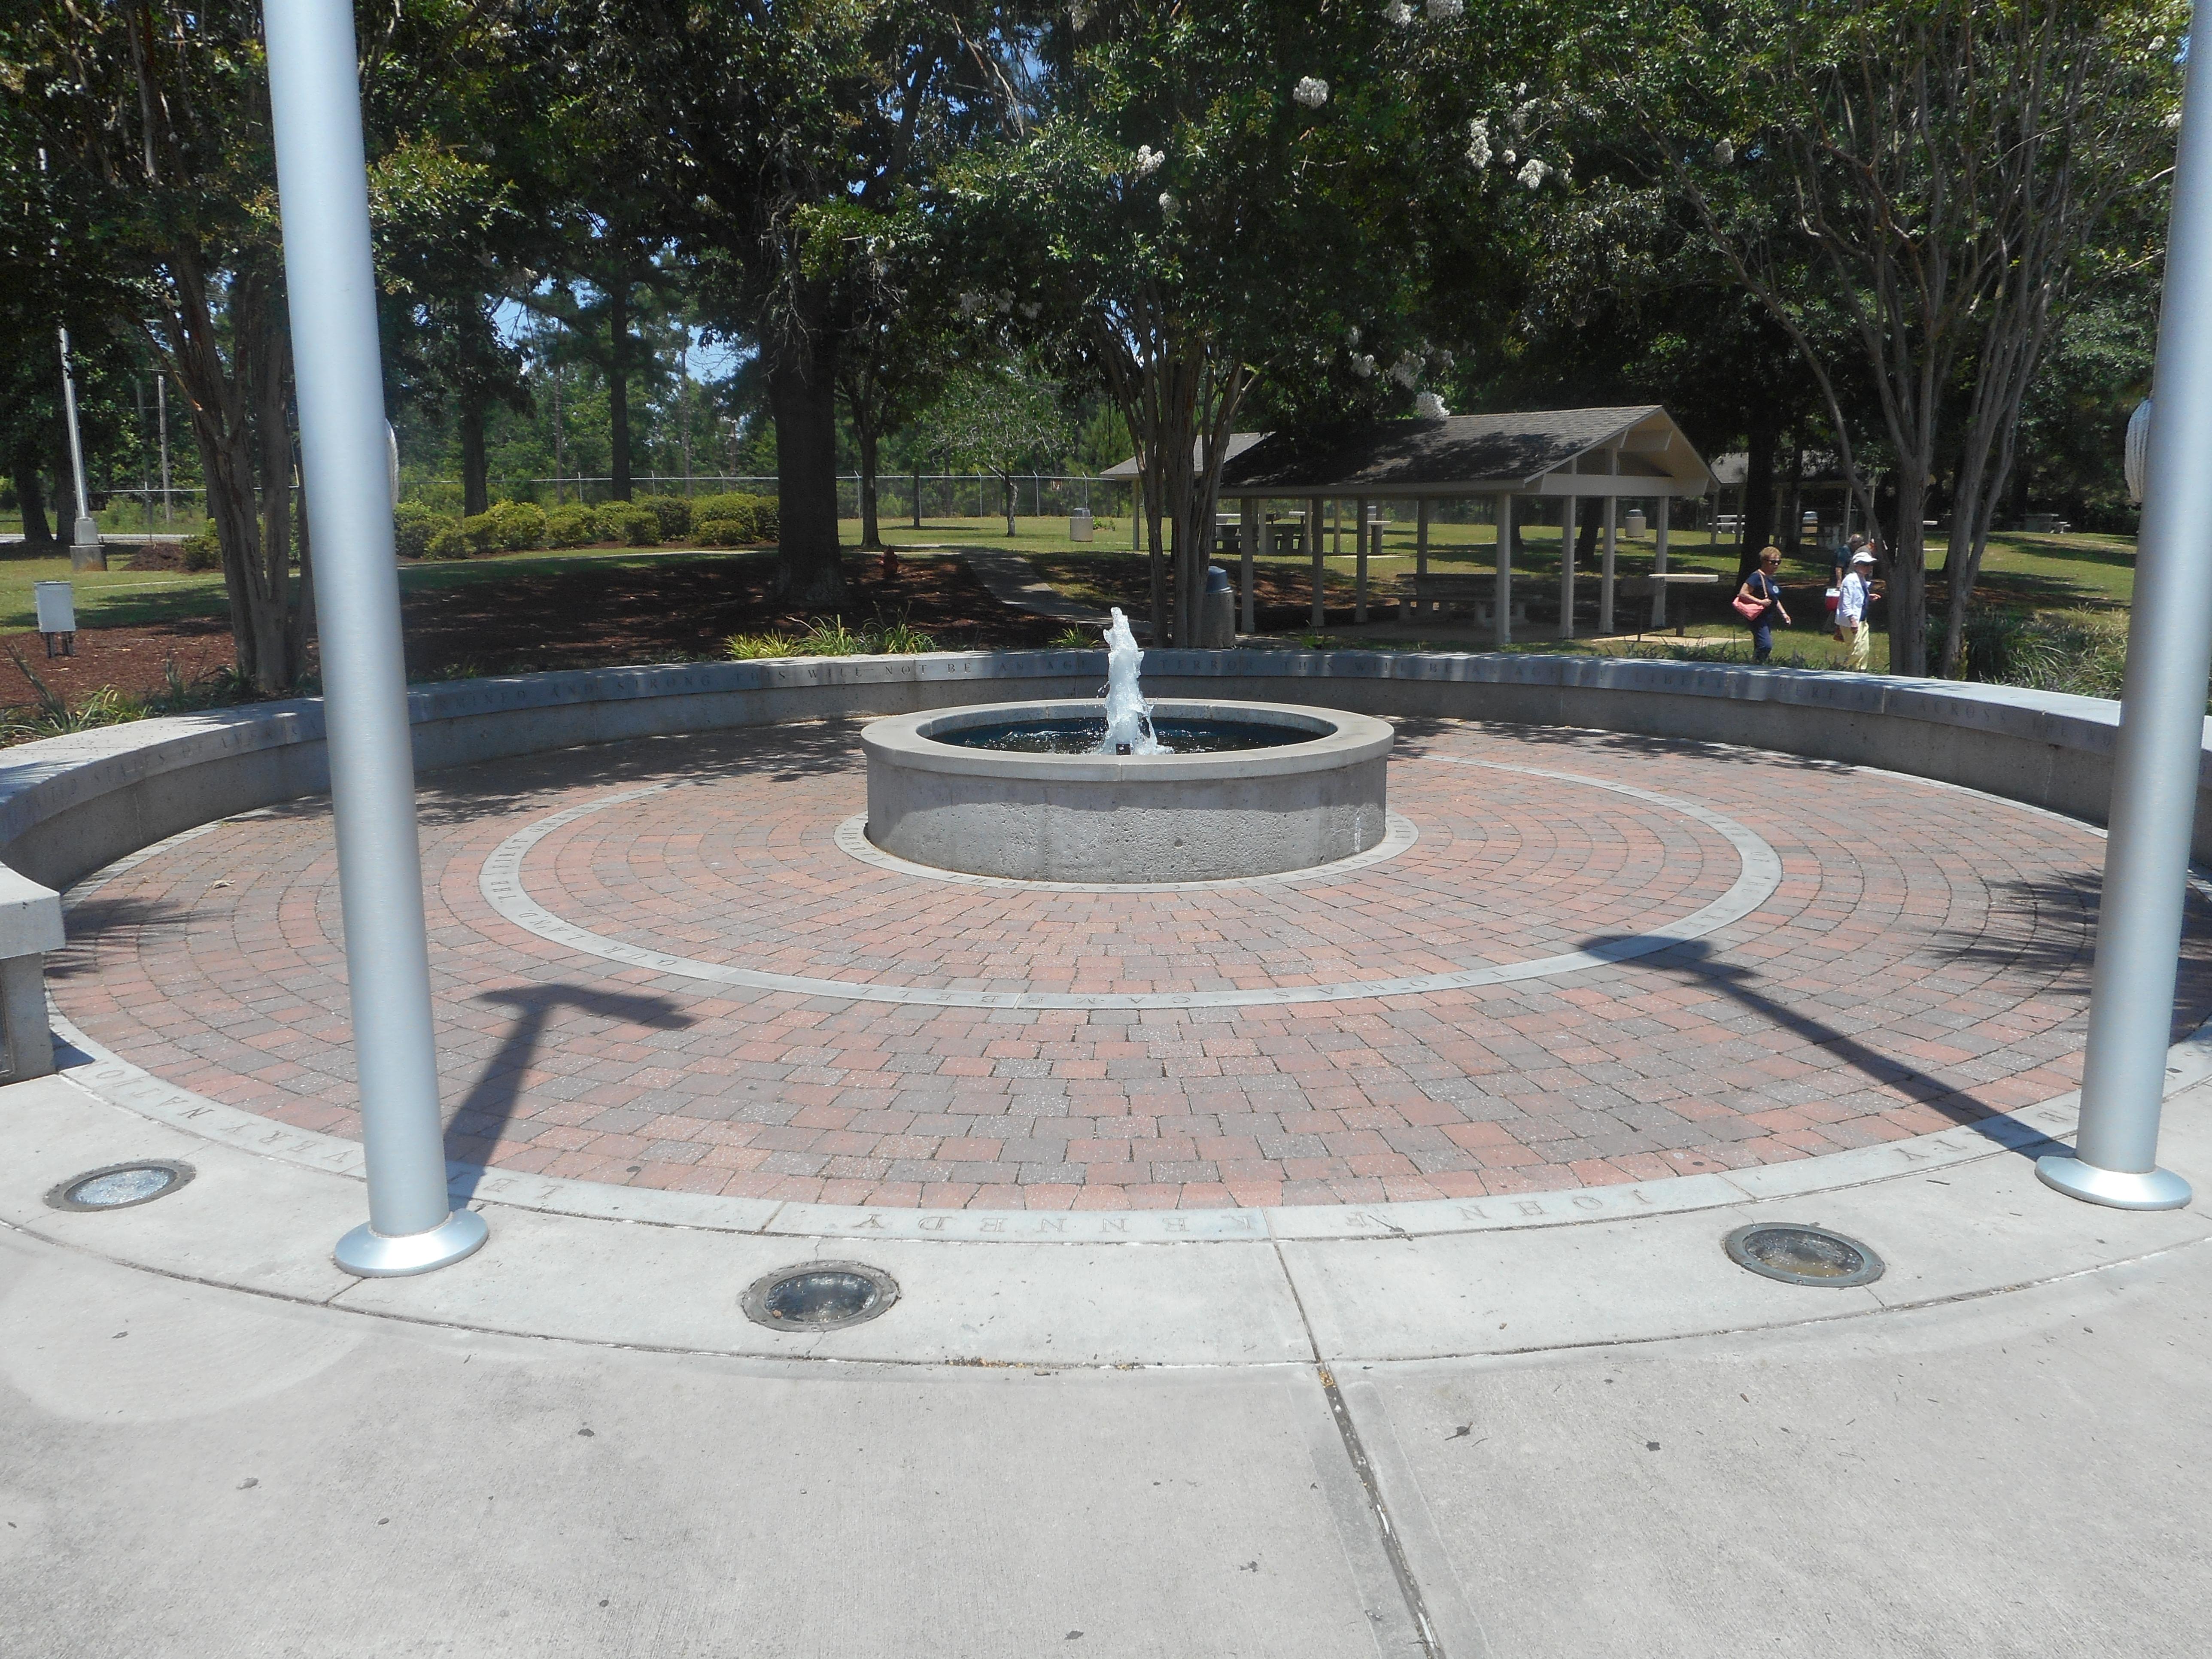 filei 95 sb santee sc sb rest area liberty garden - Liberty Garden